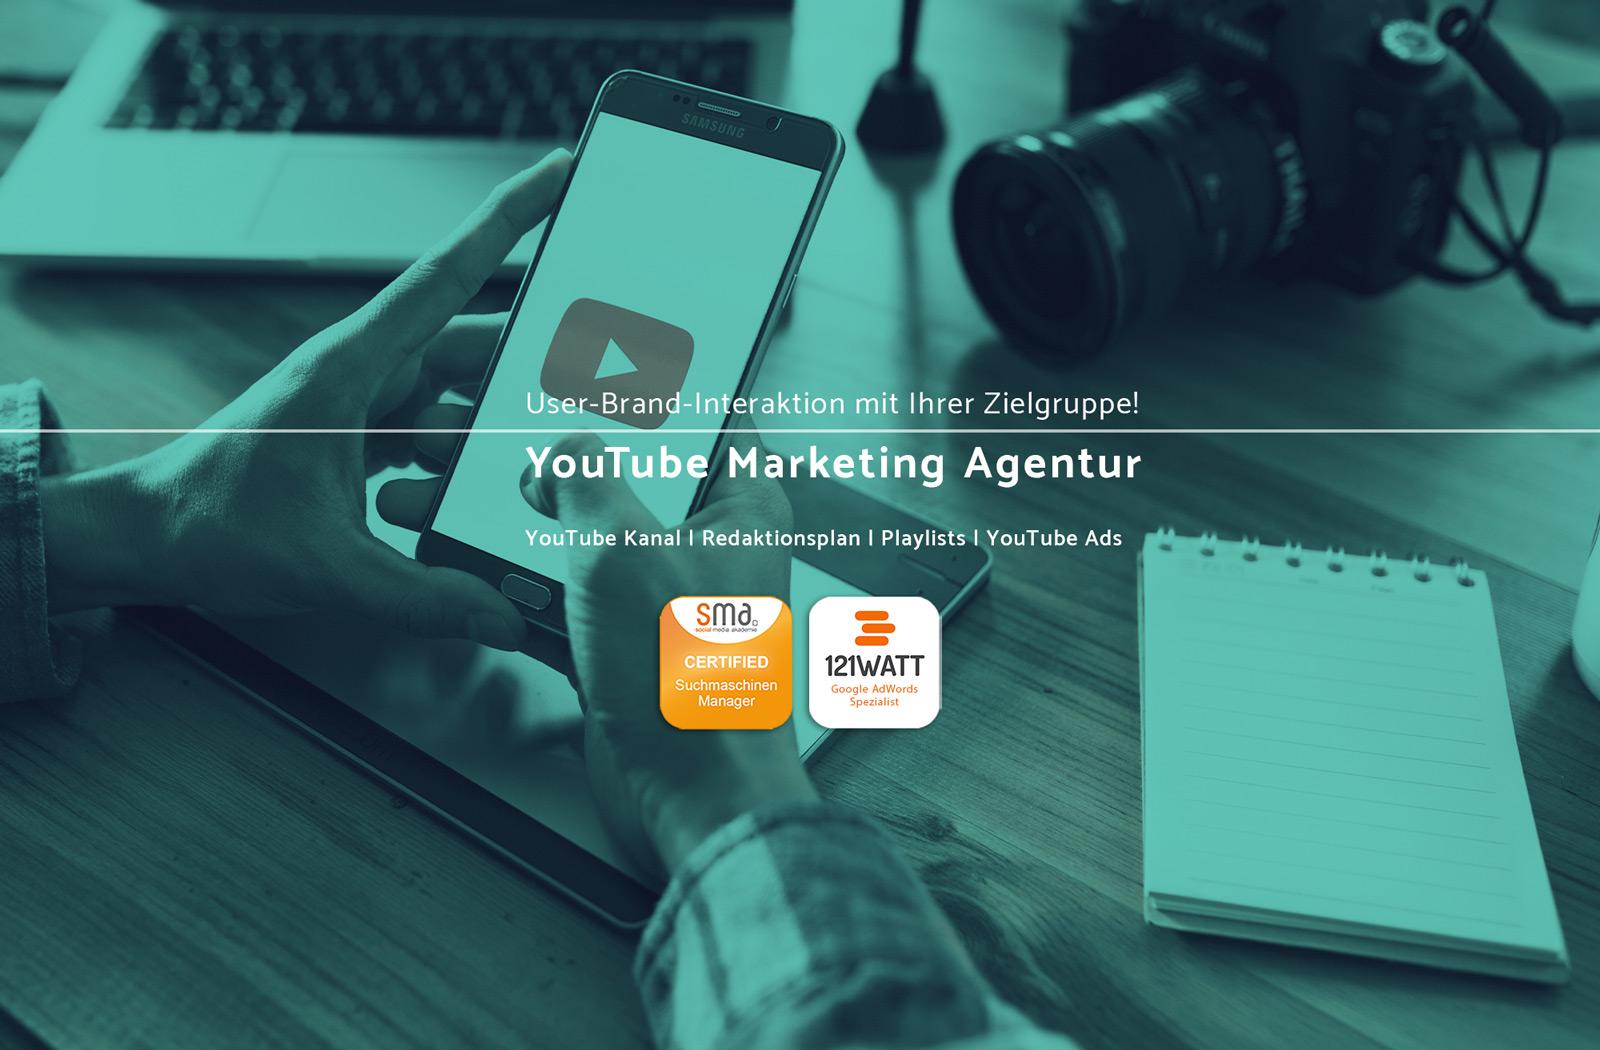 YouTube Marketing Agentur - YouTube Channel & YouTube Ads erstellen